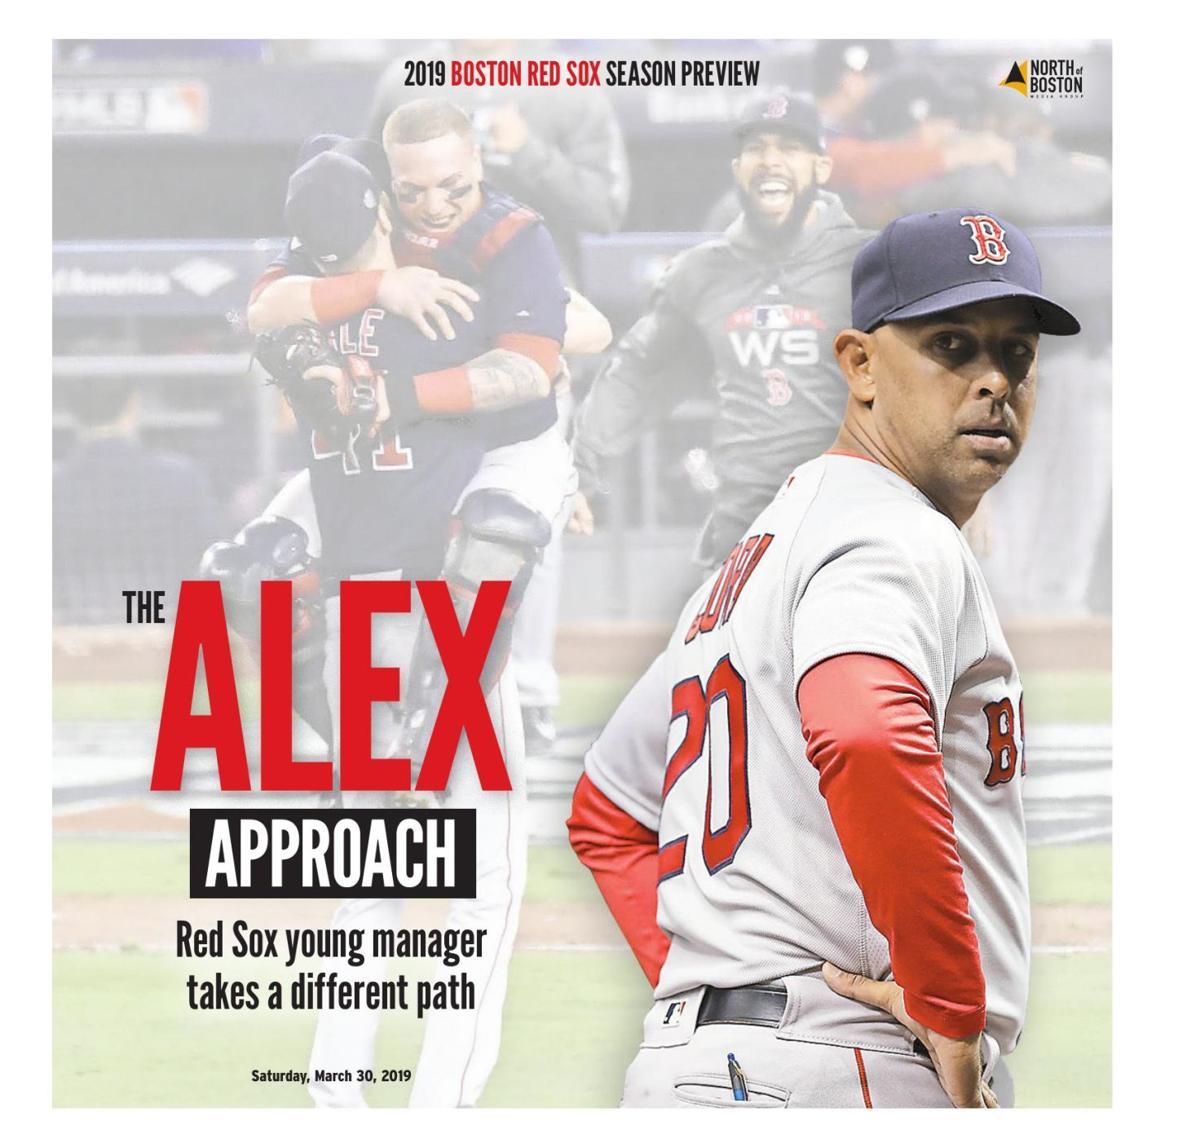 2019 Boston Red Sox Season Preview